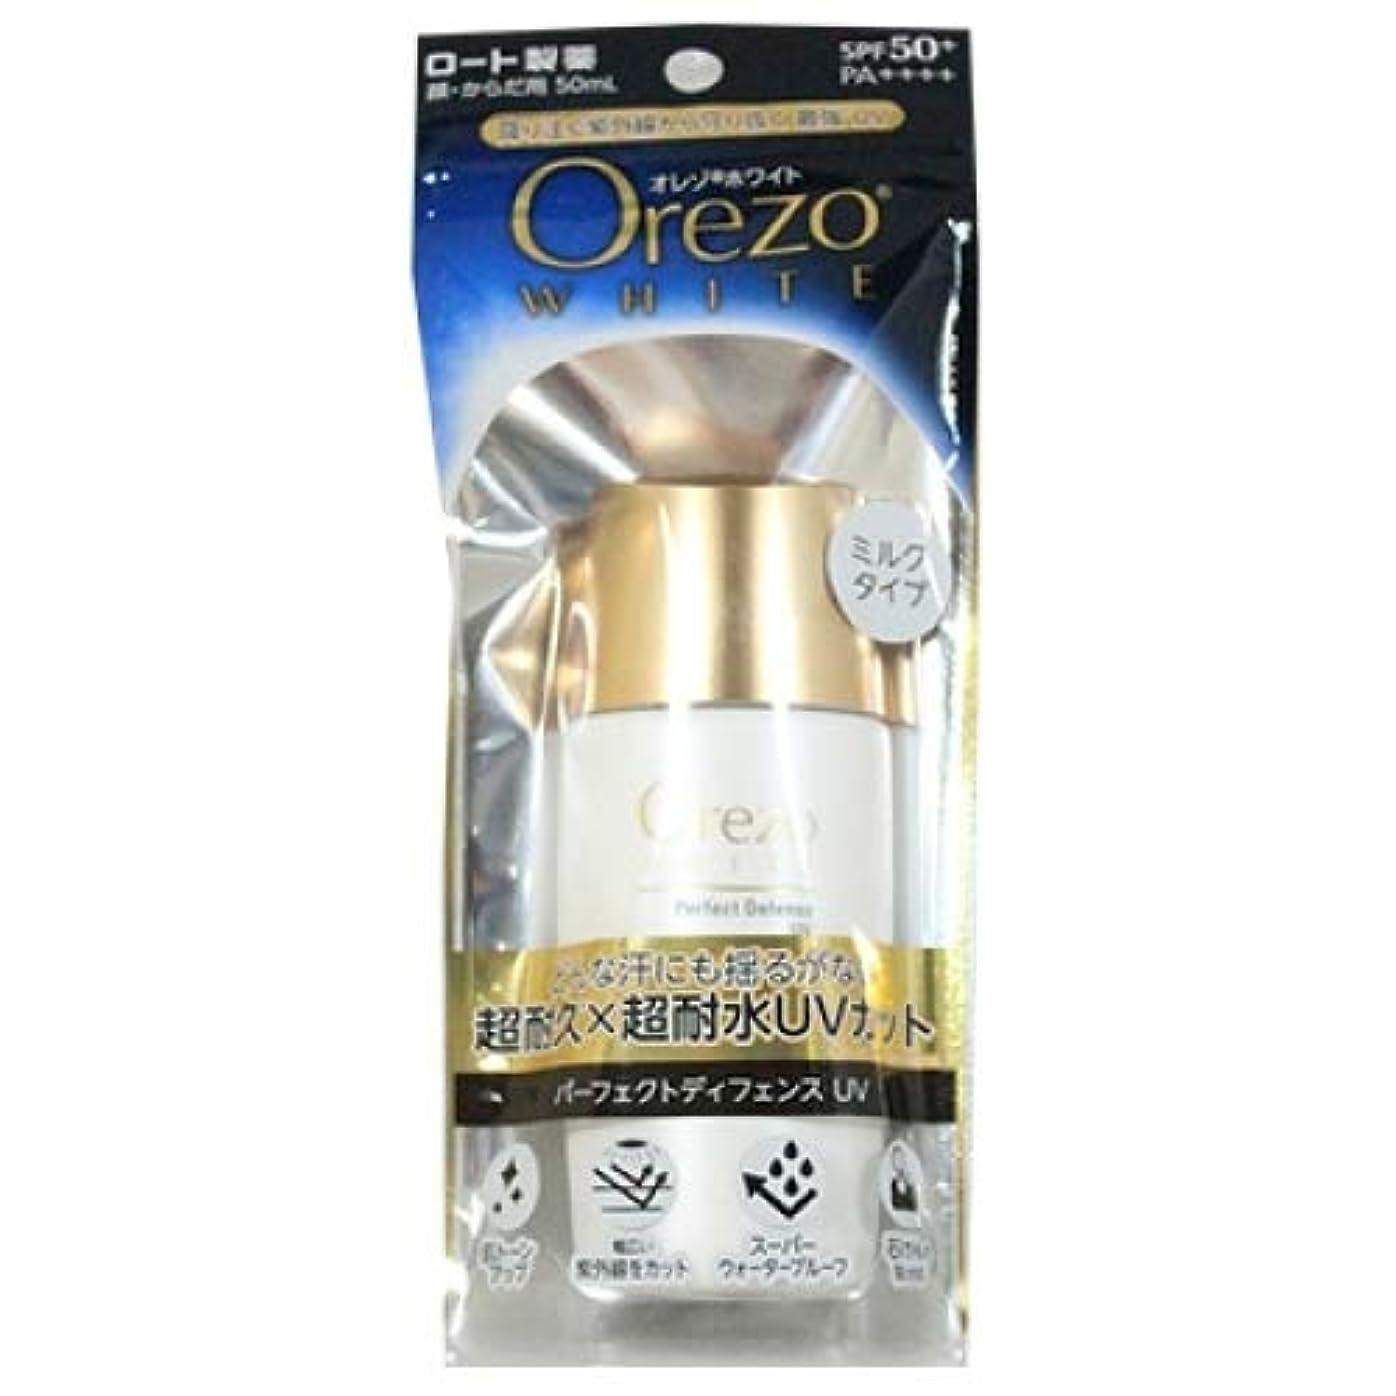 水っぽい欺ふざけたロート製薬 Orezo オレゾ ホワイト パーフェクトディフェンスUVa SPF50+ PA++++ (50mL)